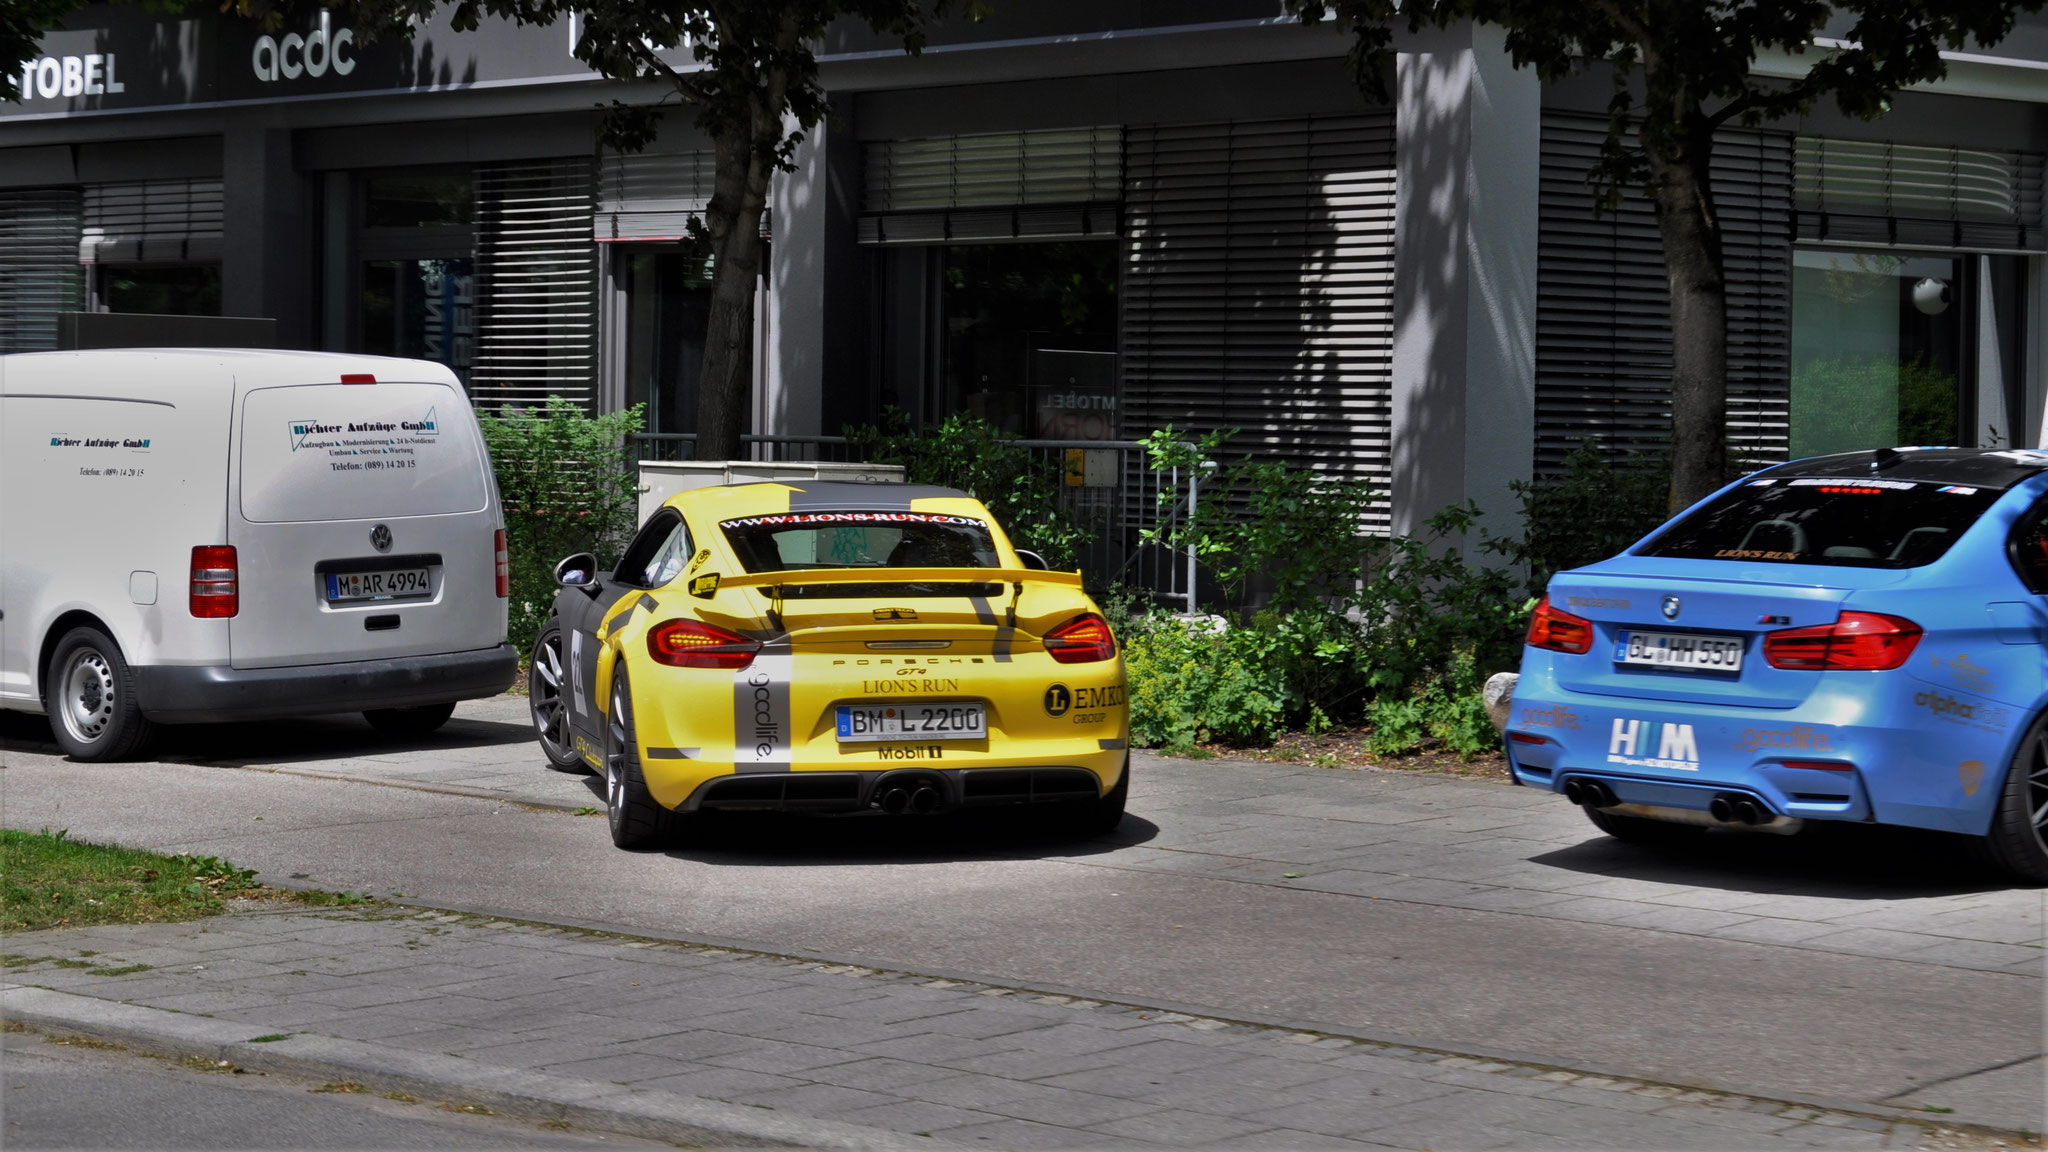 Porsche Cayman GT4 - BM-L-2200